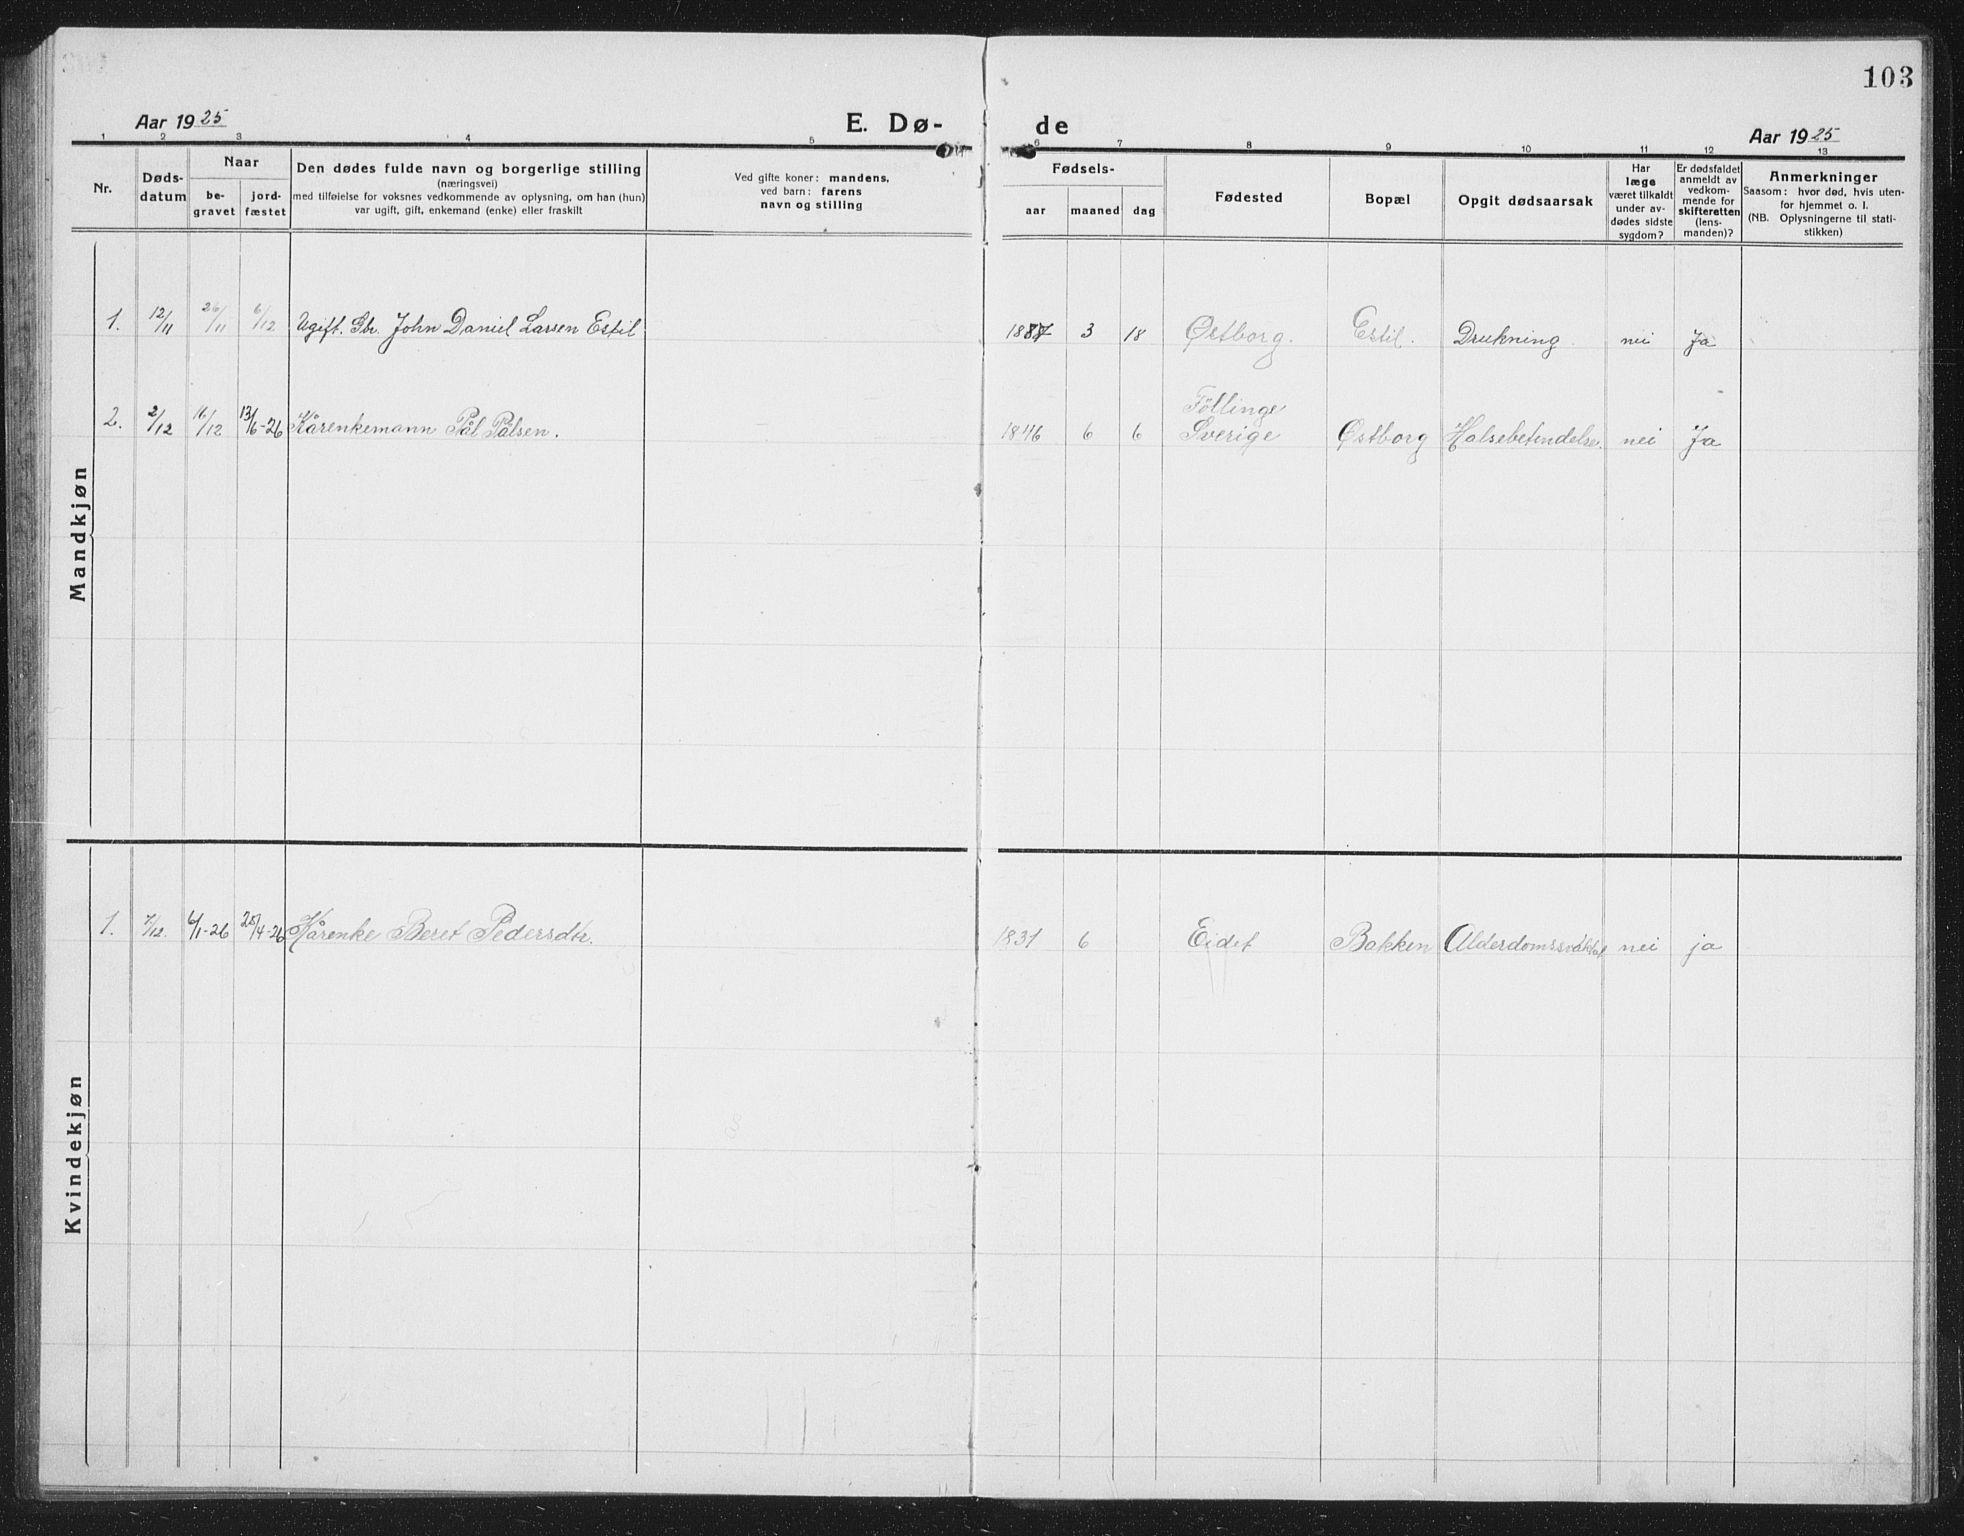 SAT, Ministerialprotokoller, klokkerbøker og fødselsregistre - Nord-Trøndelag, 757/L0507: Klokkerbok nr. 757C02, 1923-1939, s. 103